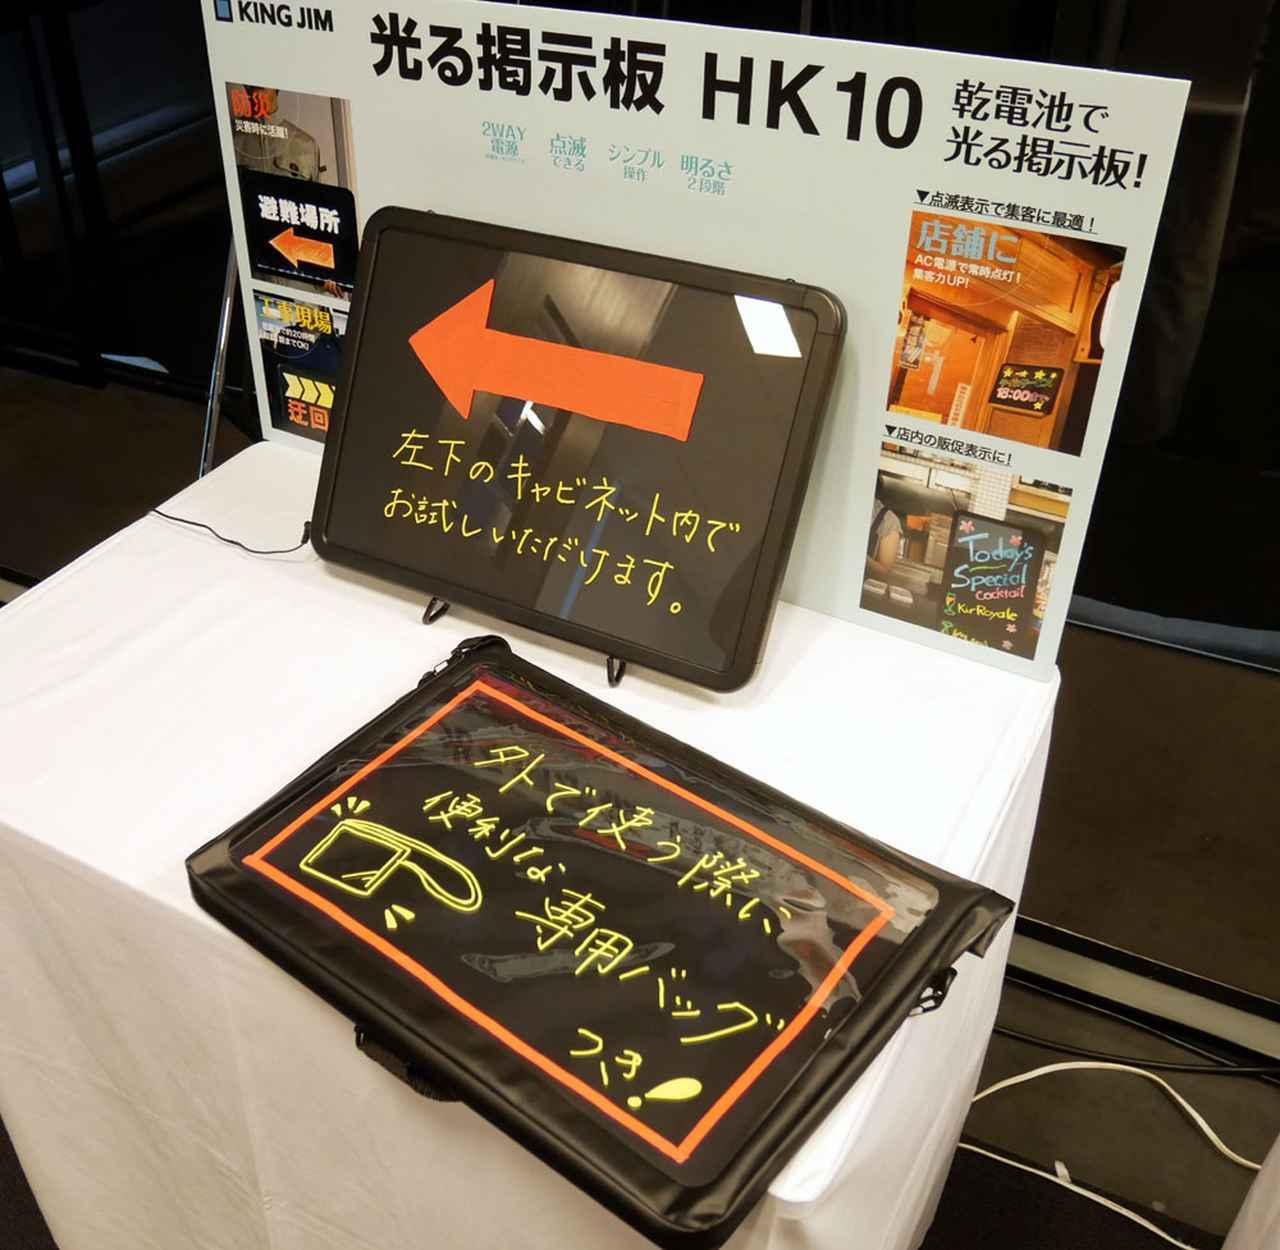 画像: 「光る掲示板・HK10」